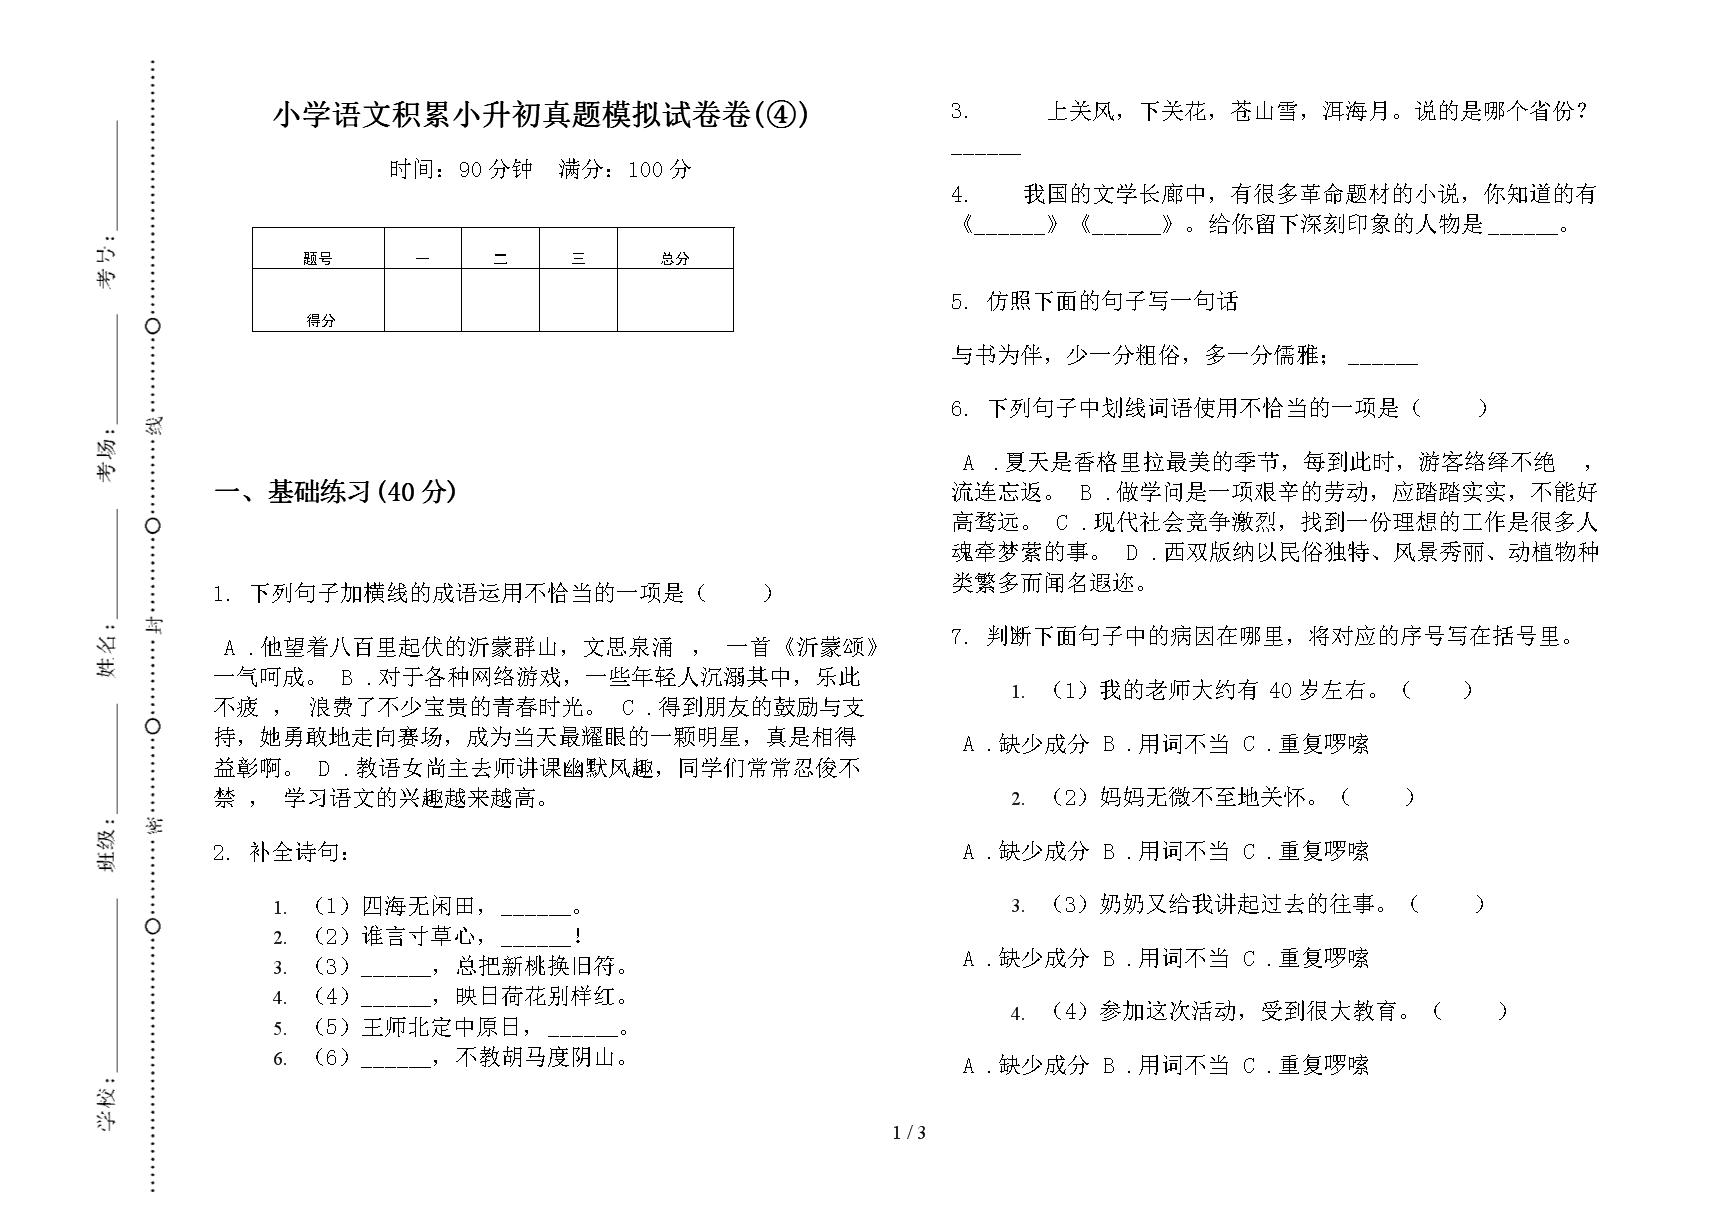 小学语文积累小升初真题模拟试卷卷(④).docx